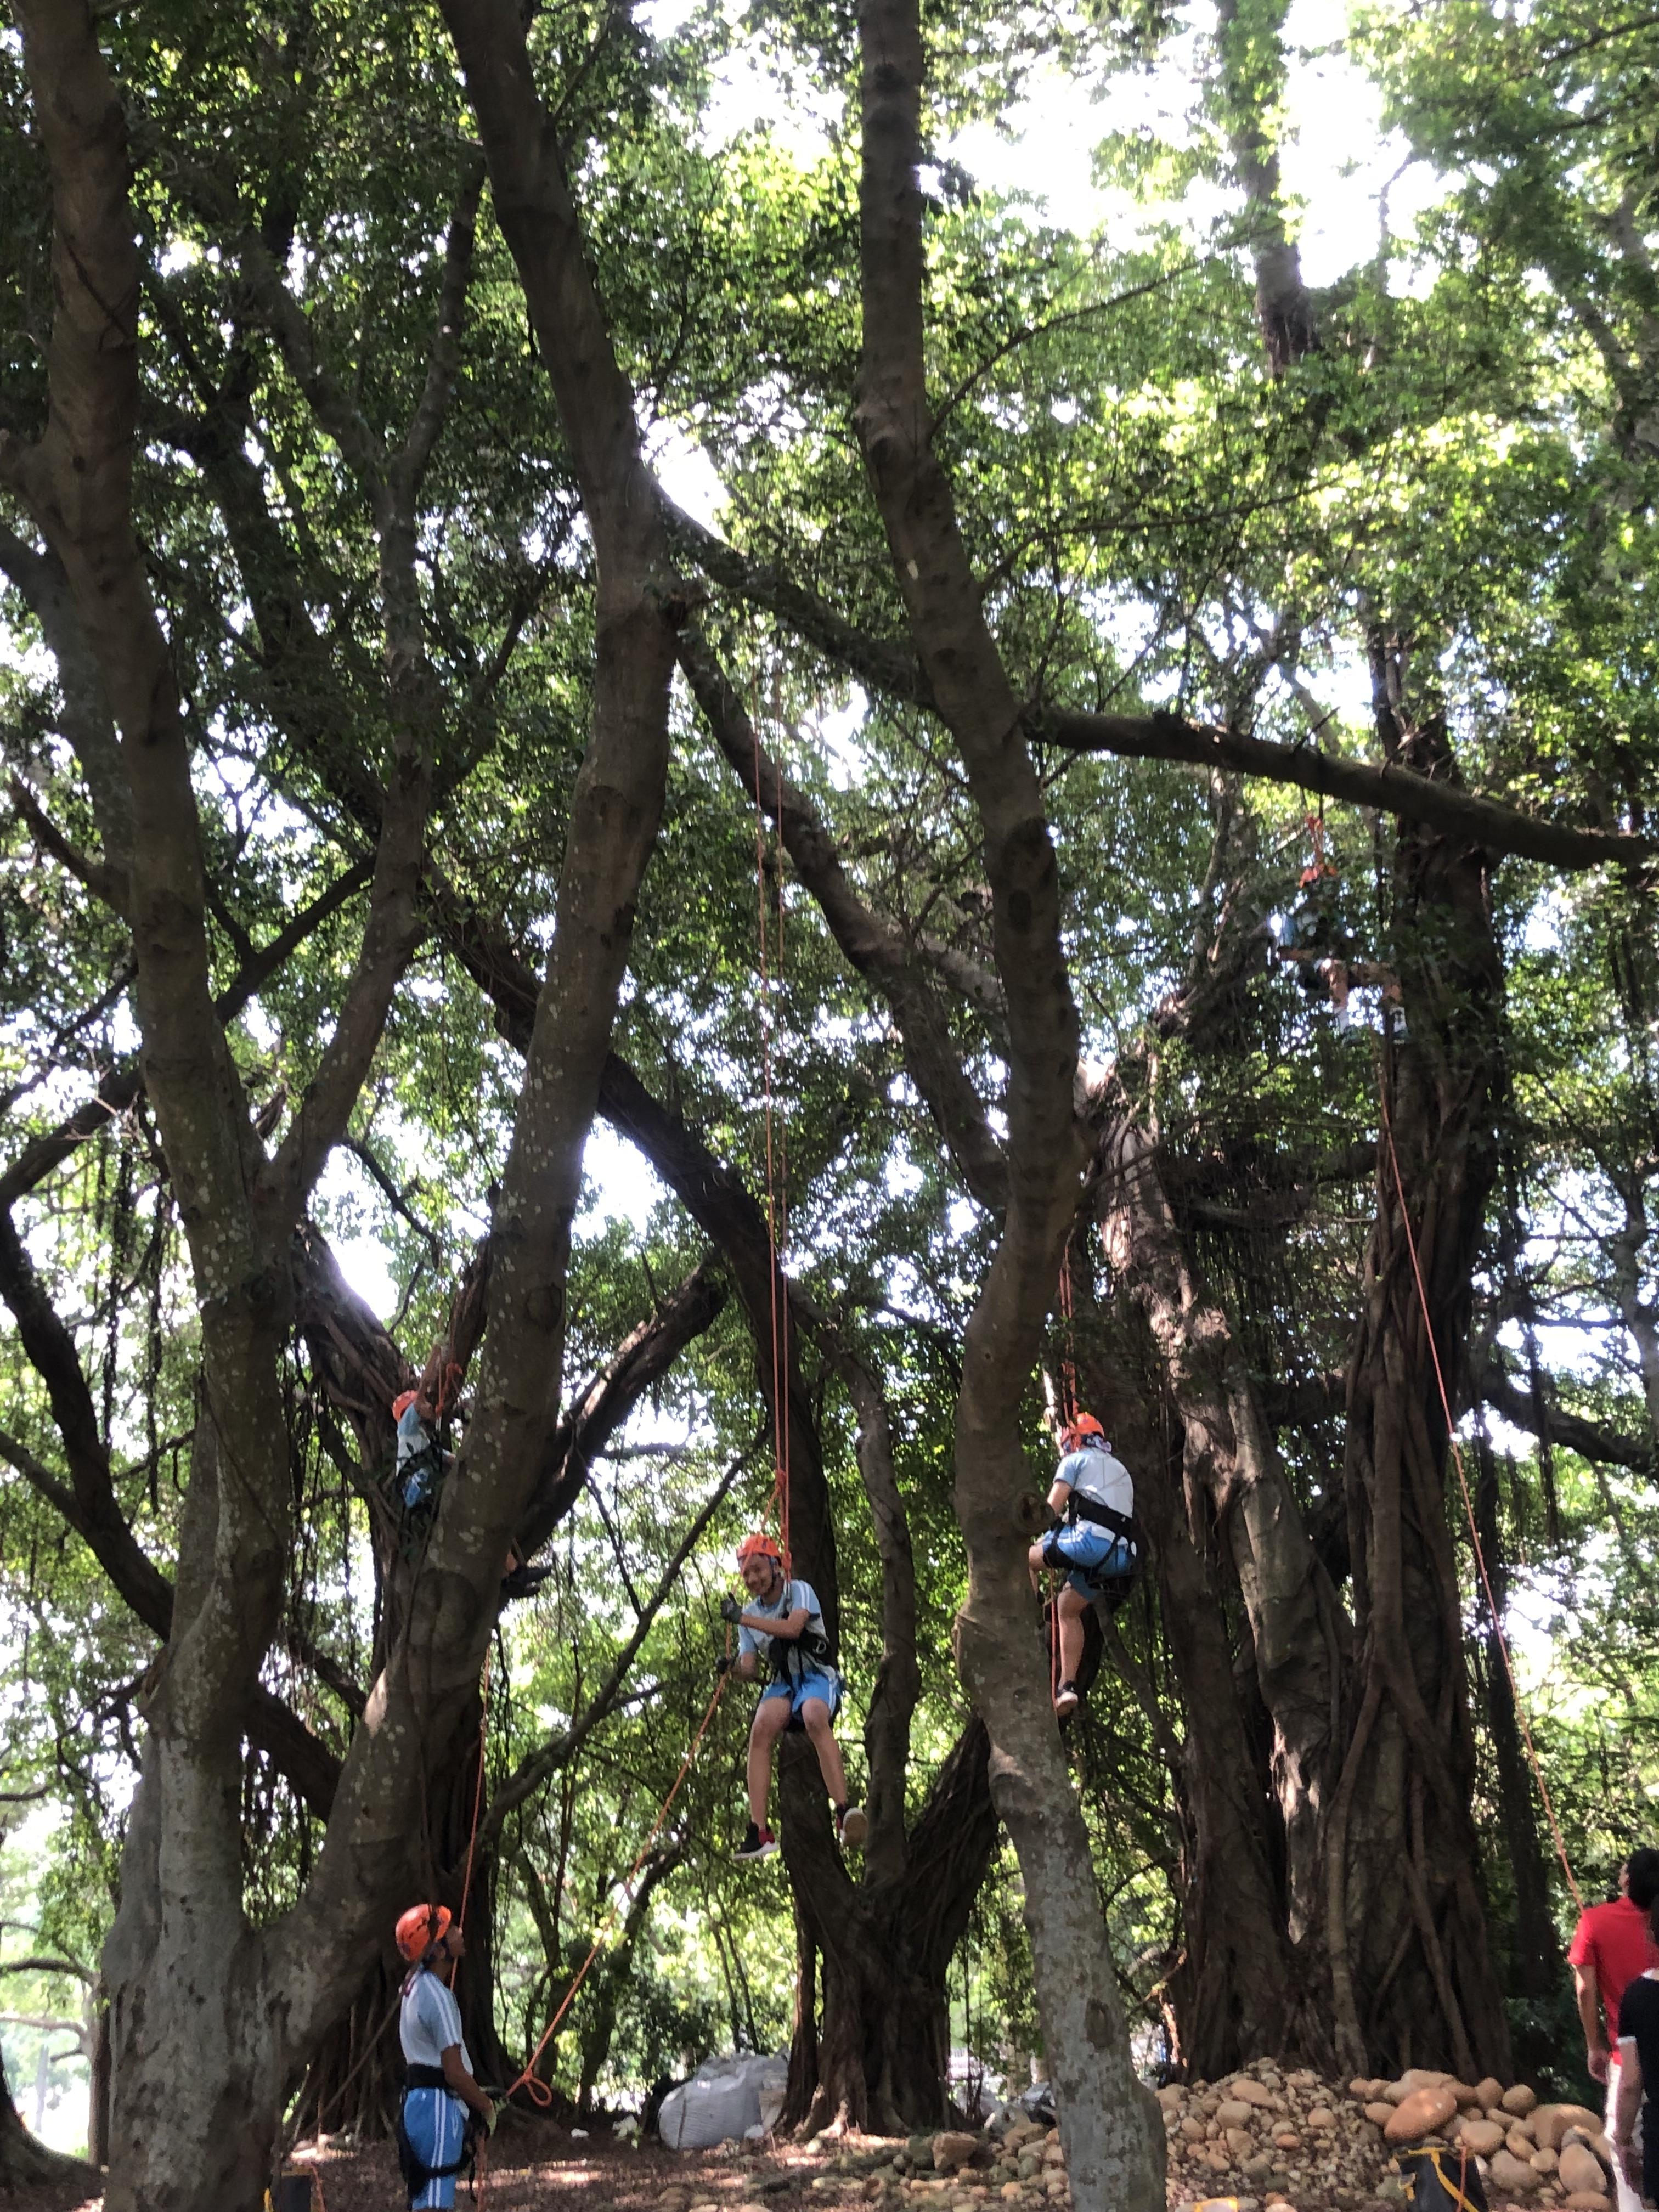 國三生涯攀樹體驗